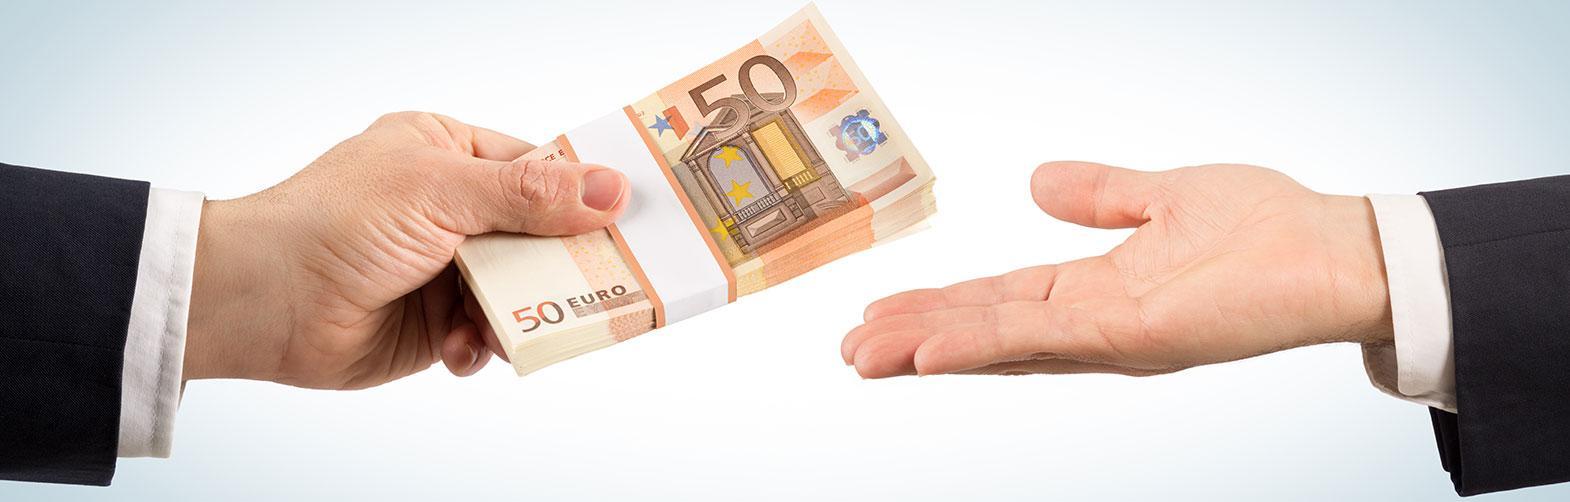 financielediensten4.jpg